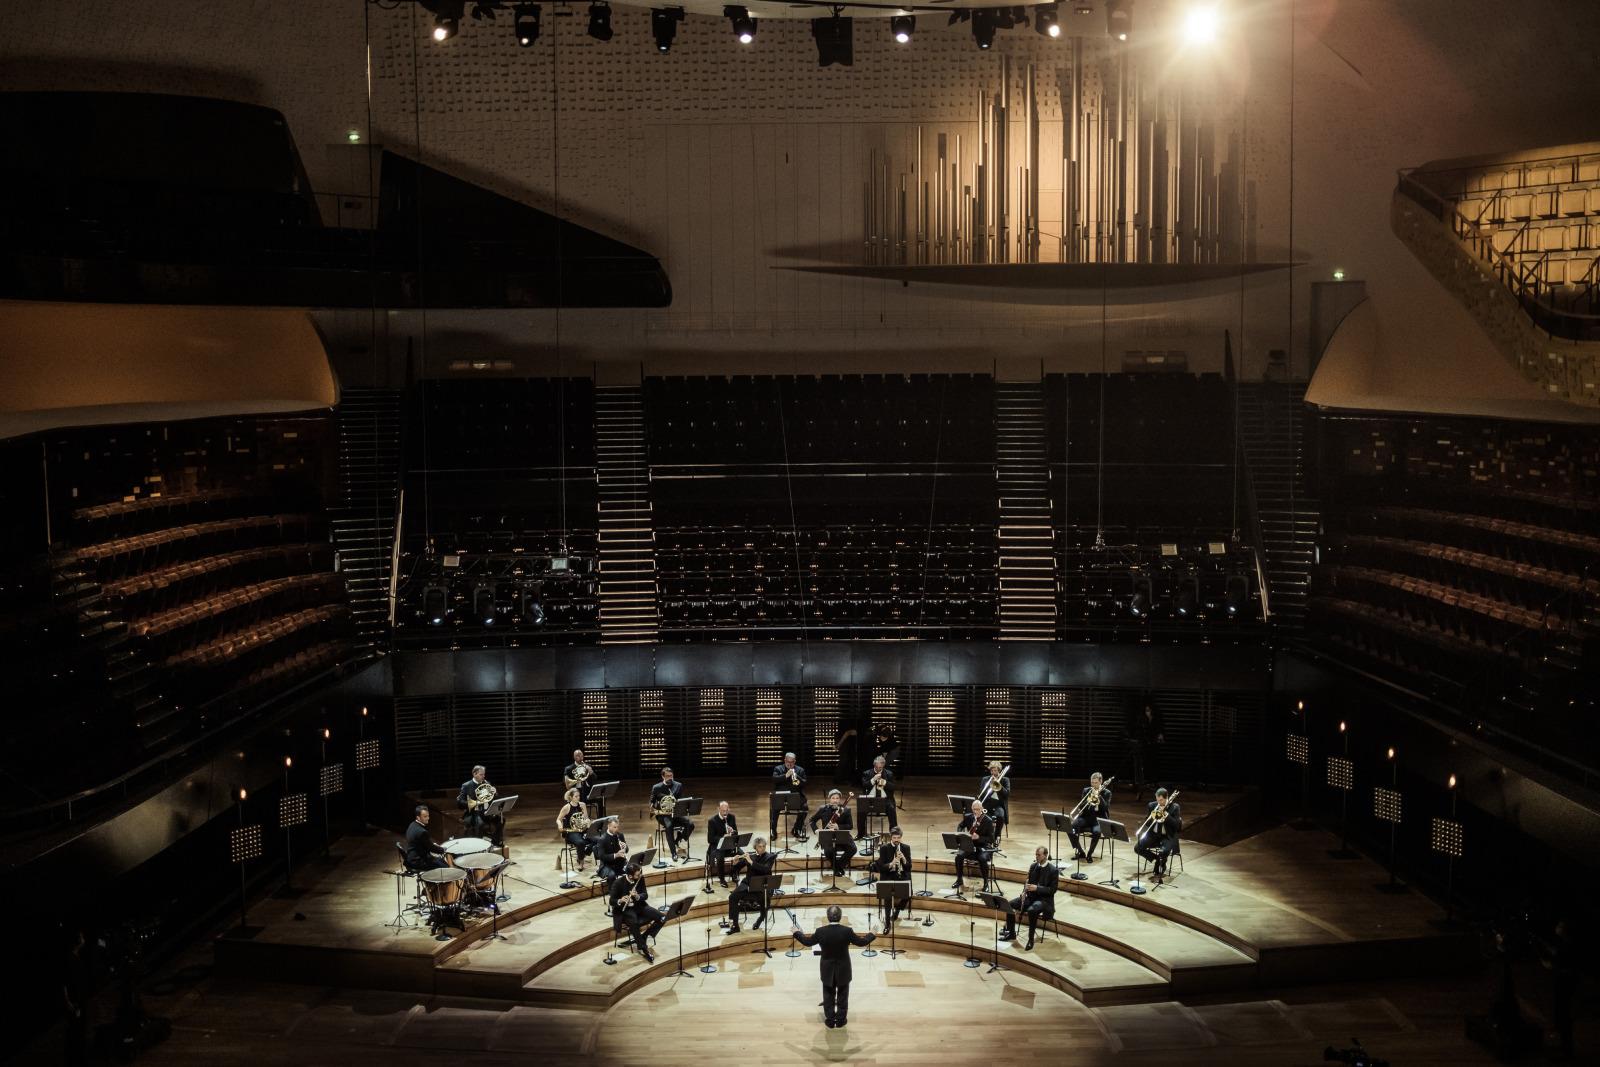 Musiciens de l'Orchestre de Paris : Richard Wagner - Richard Strauss, concert donné sans public, dans la Grande salle Pierre Boulez le 27 mai 2020. Crédit : photographie de Mathias Benguigui. Cité de la Musique - Philharmonie de Paris.